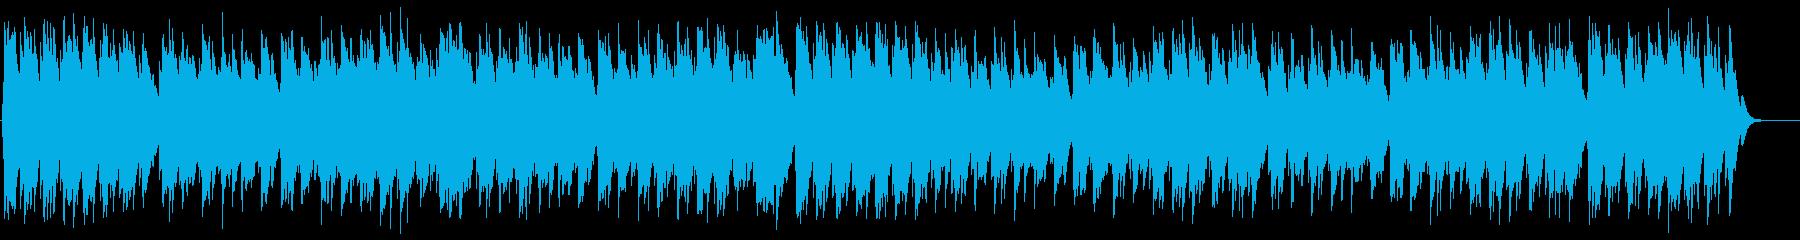 ちっちゃなくも オルゴールの再生済みの波形